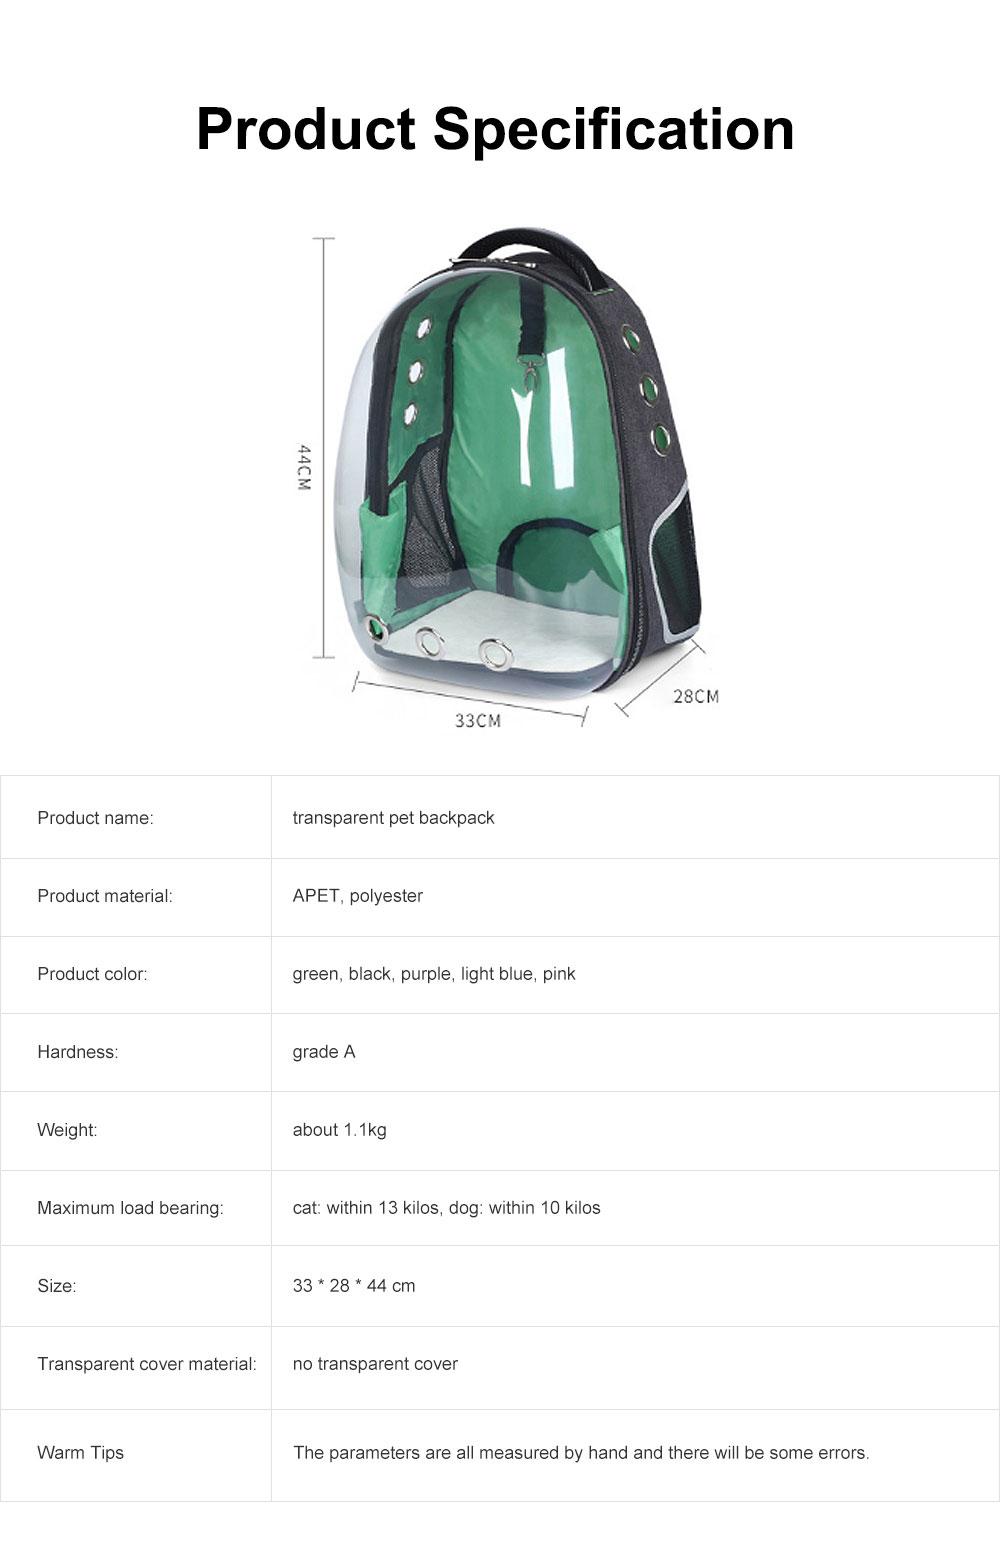 Transparent Knapsack for Pet Dog Cat APET Polyester Material with Vent Design Rucksack Tear-resistance Bag Durable Pack-sack 7